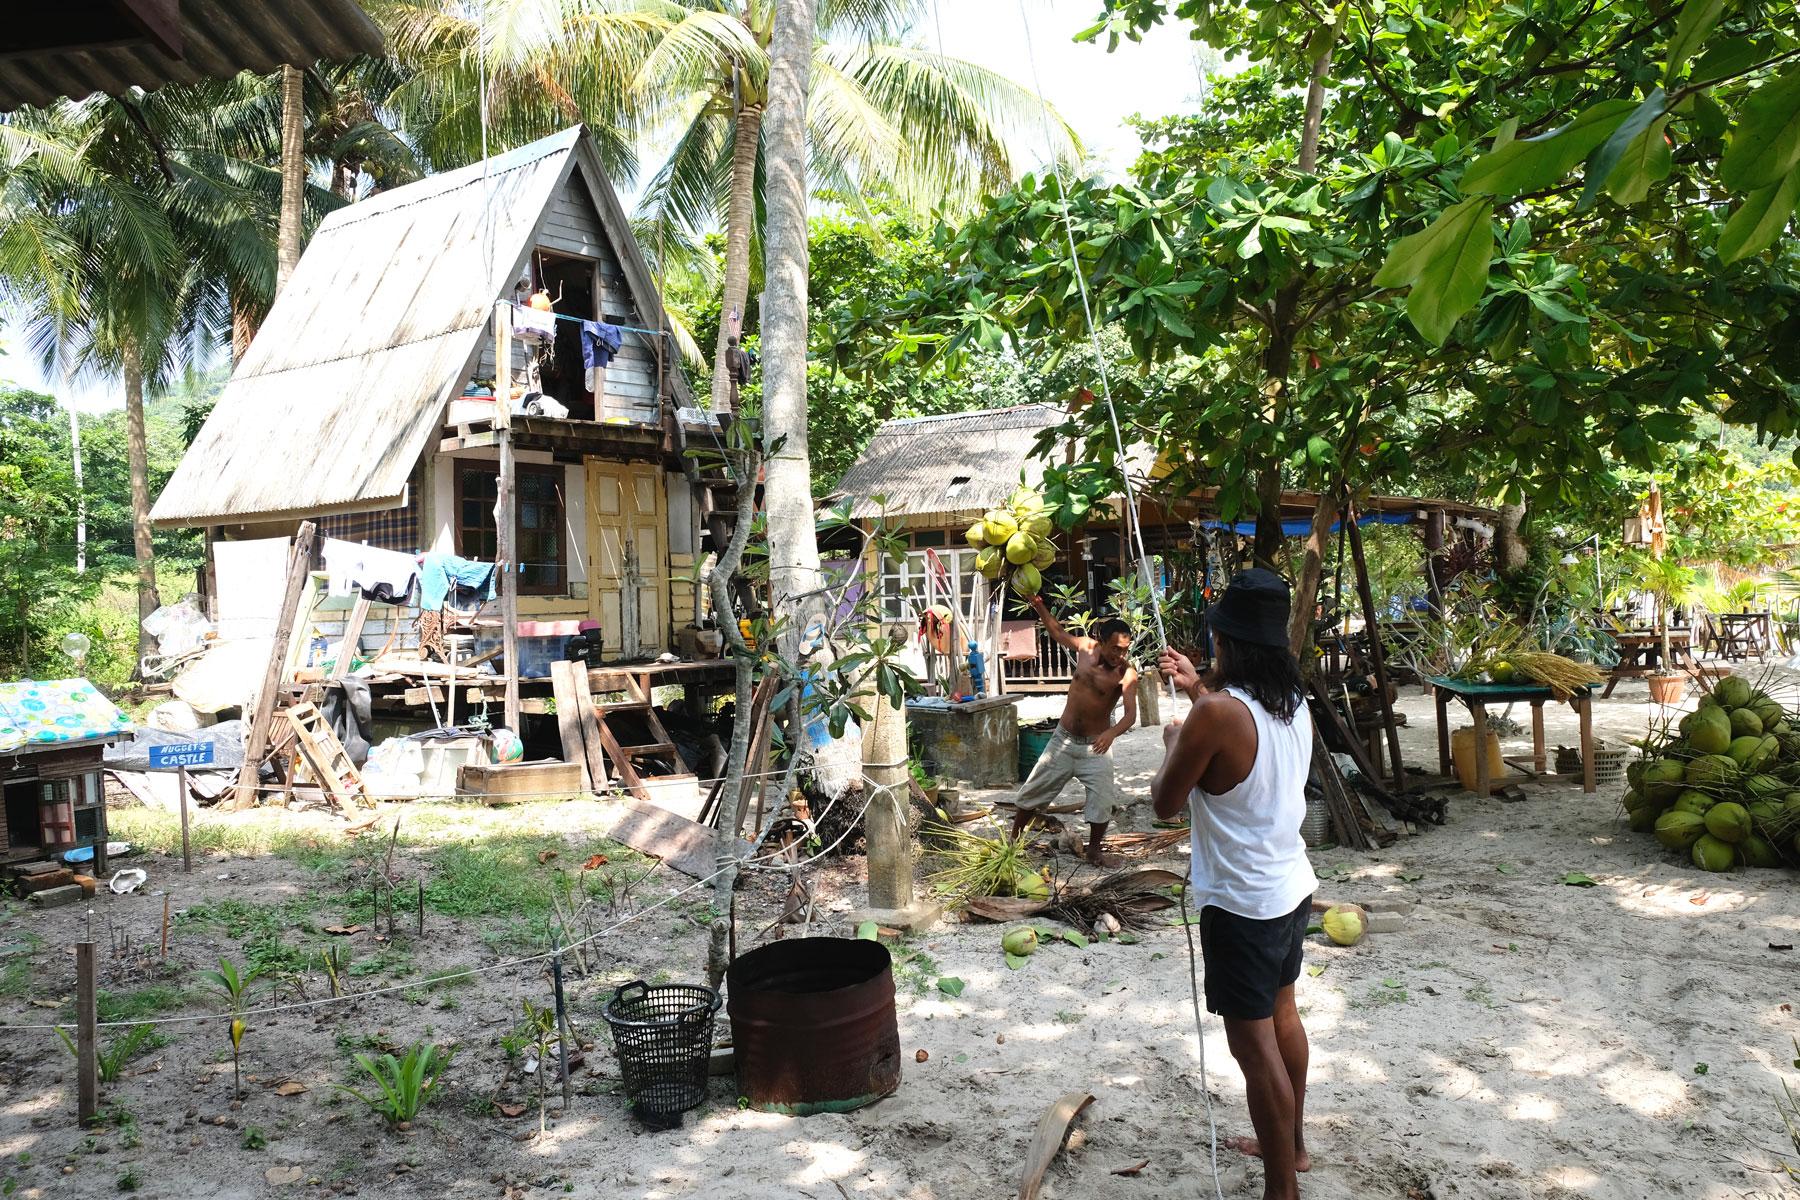 Zwei Männer lassen langsam mehrere an einem Seil hängende Kokosnüsse zu Boden